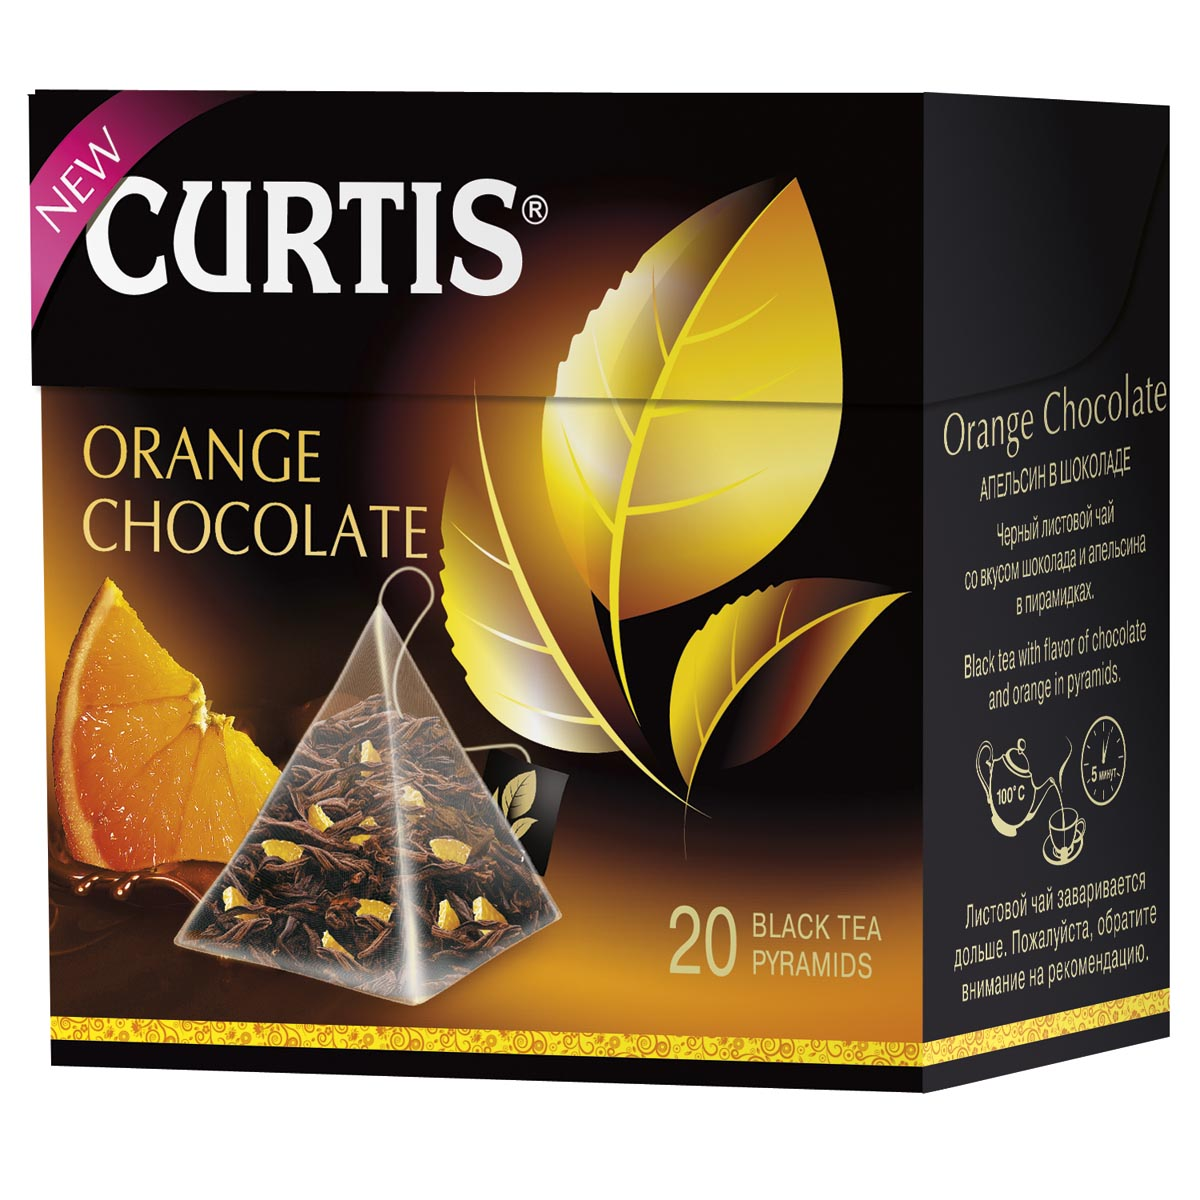 Curtis Orange Chocolate черный чай в пирамидках, 20 шт101246Удивительный черный чай со вкусом романтичного темного шоколада и солнечного апельсина. В этой чашке цейлонского чая столько же страсти, сколько в короткой любовной записке. Насладитесь обновленным купажом черного листового чая.